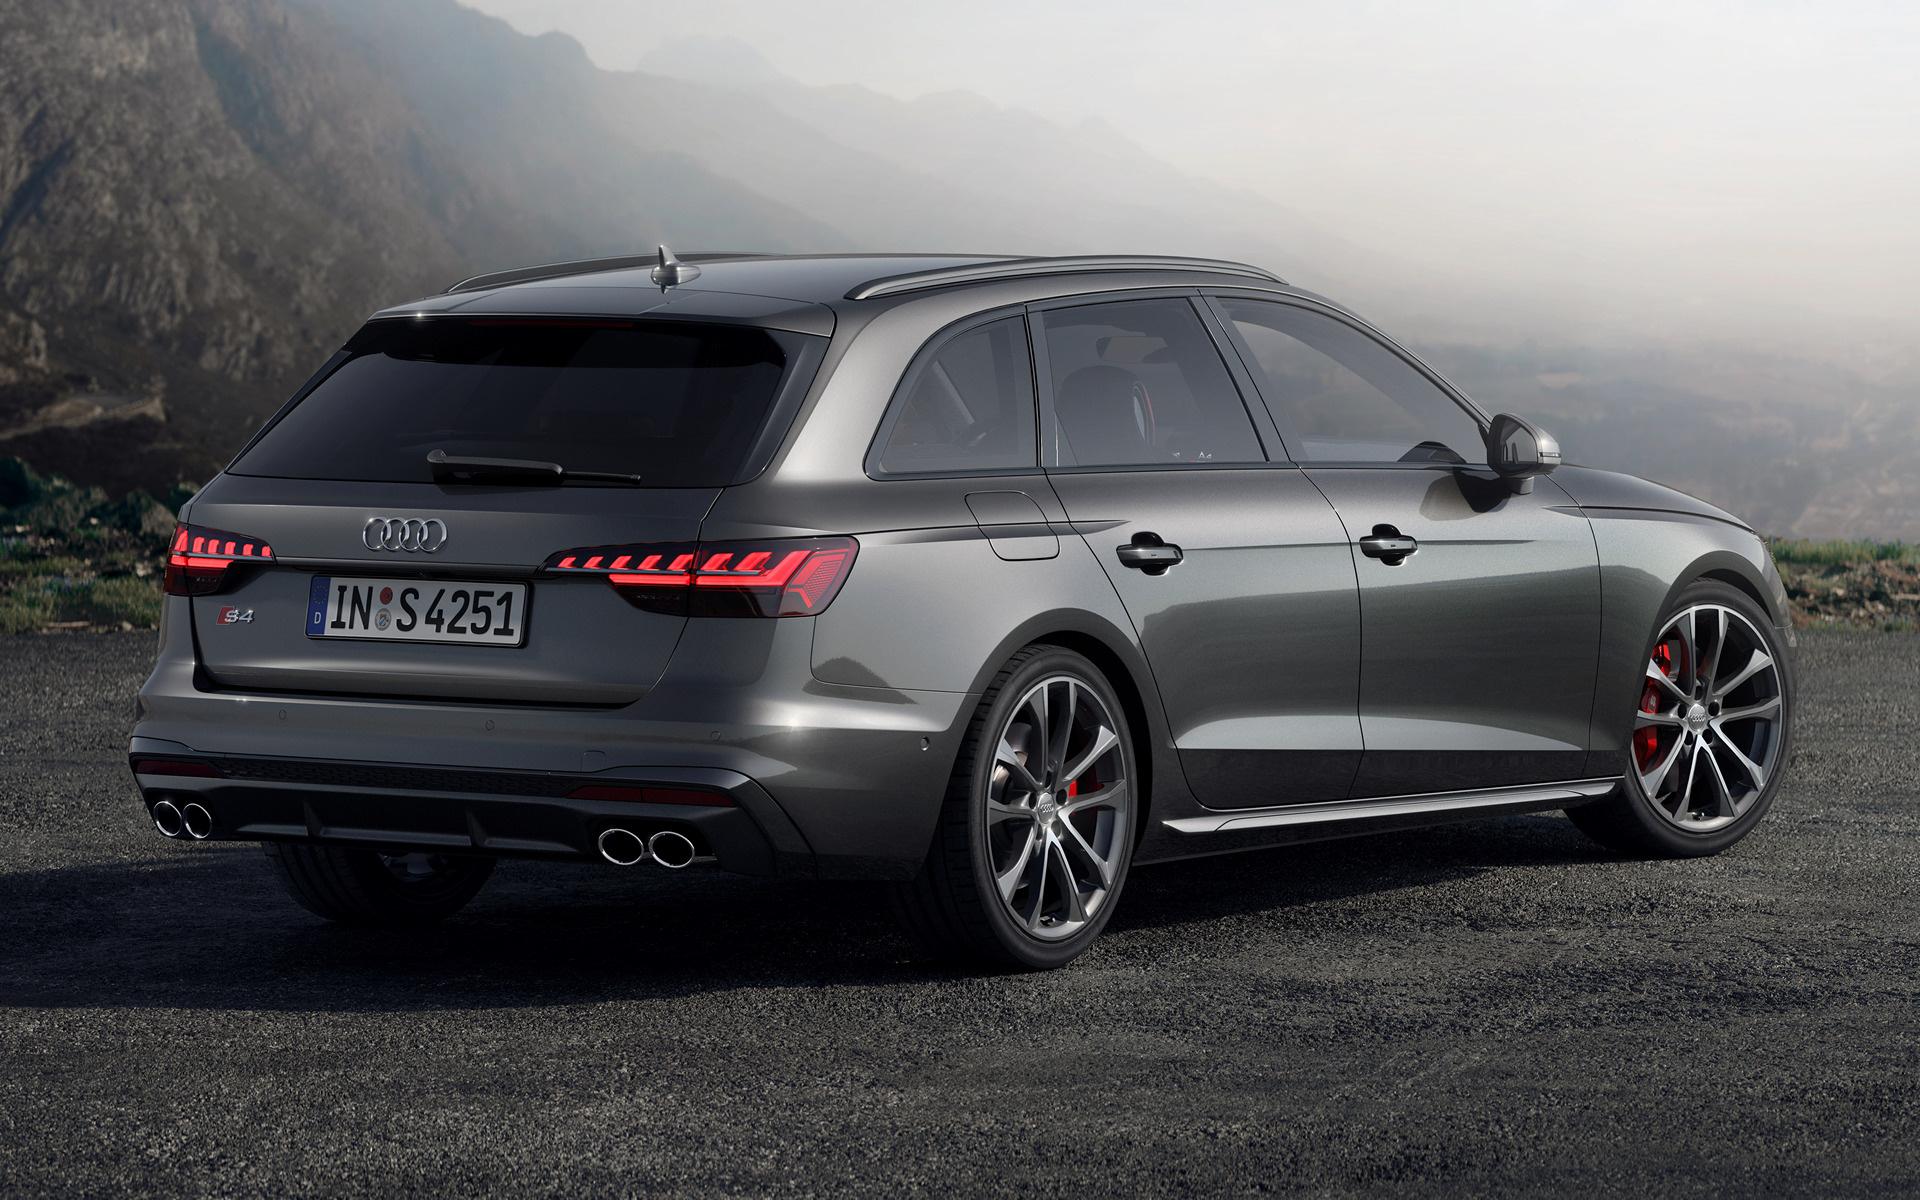 Kelebihan Kekurangan Audi S4 2019 Spesifikasi